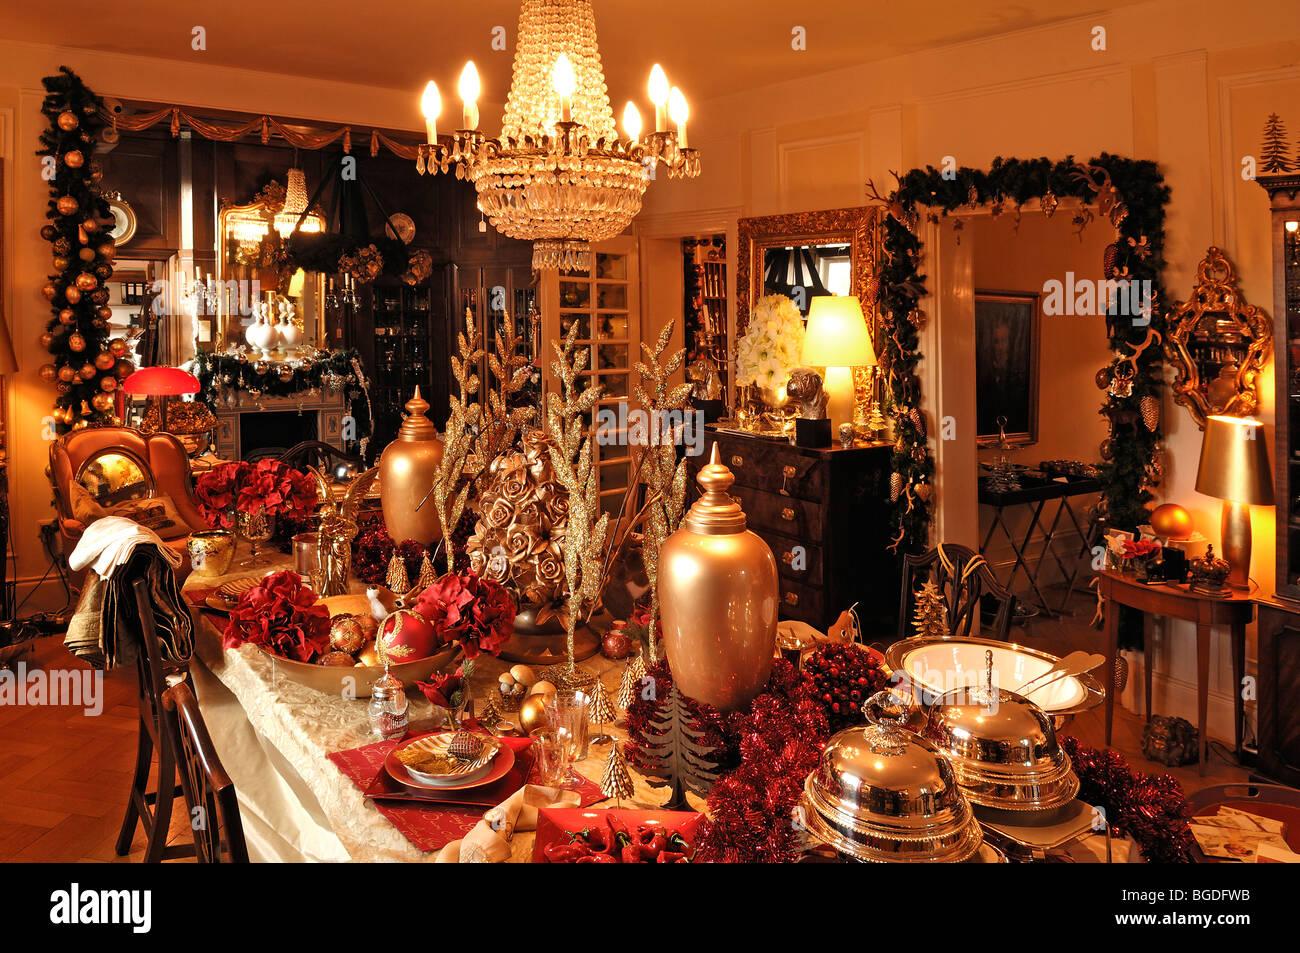 ppige Weihnachtsdekoration in einem Wohnzimmer dekoriert